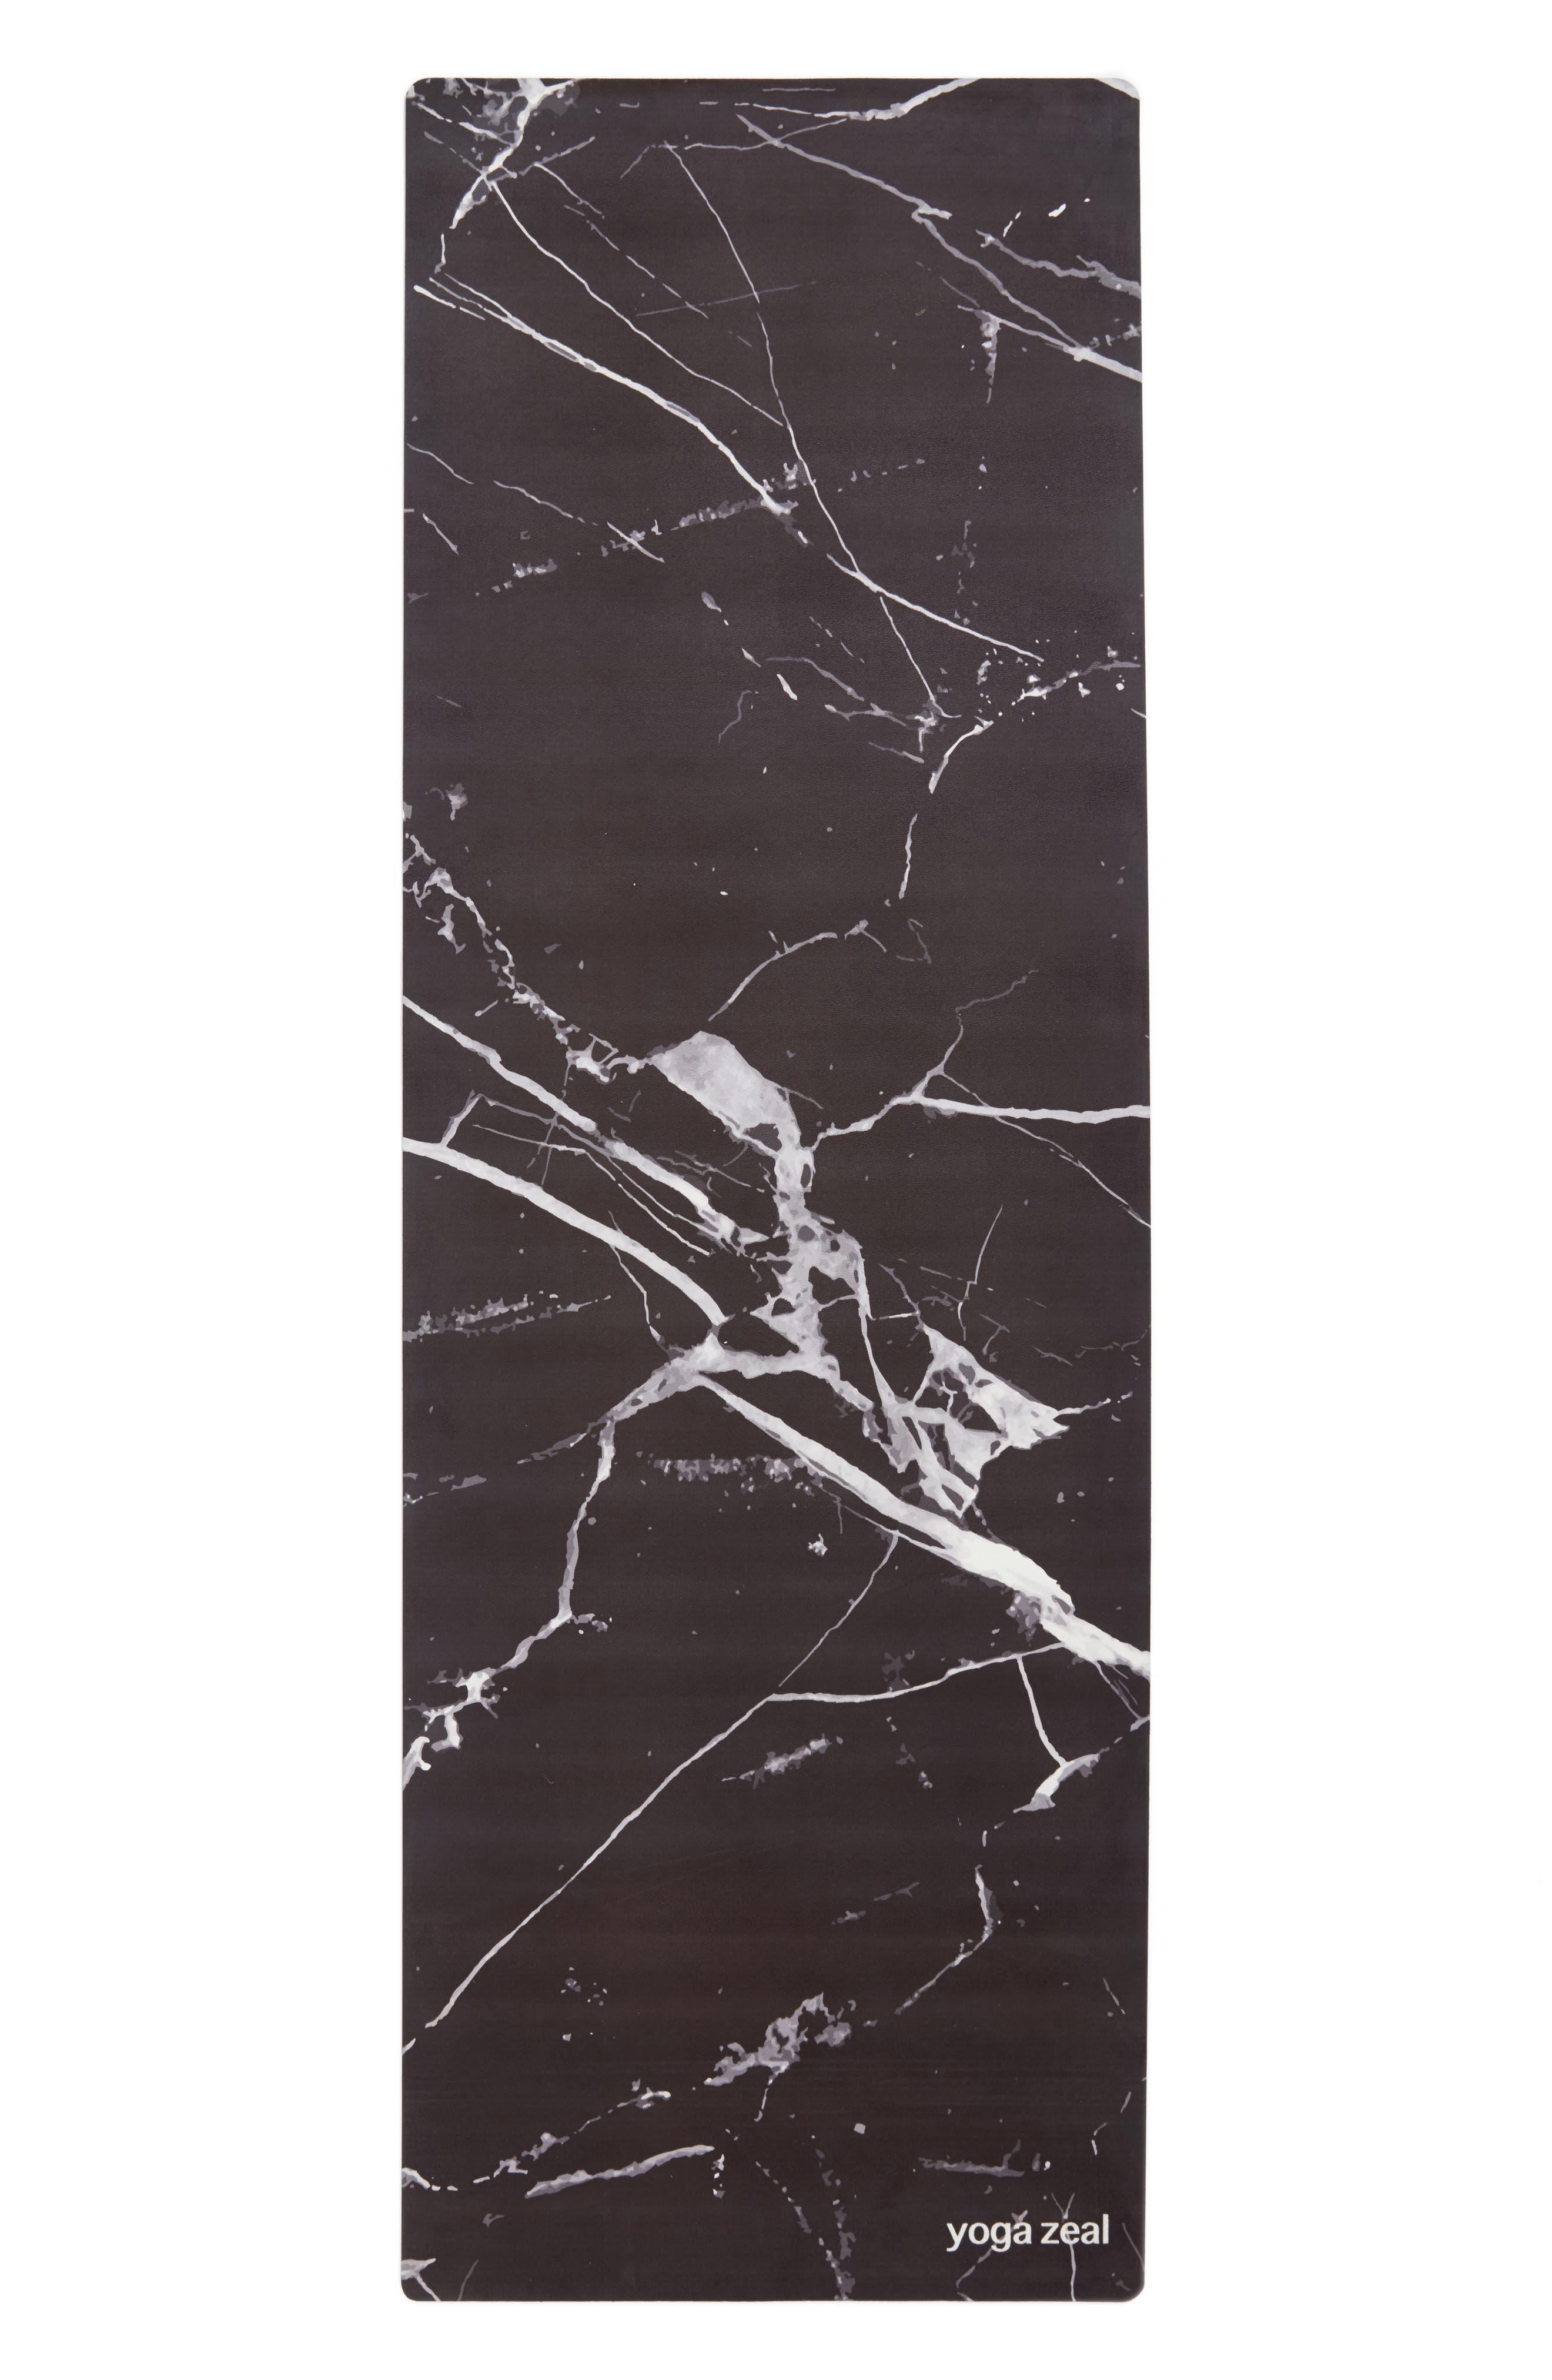 Alternate Image 1 Selected - Yoga Zeal Marble Print Yoga Mat